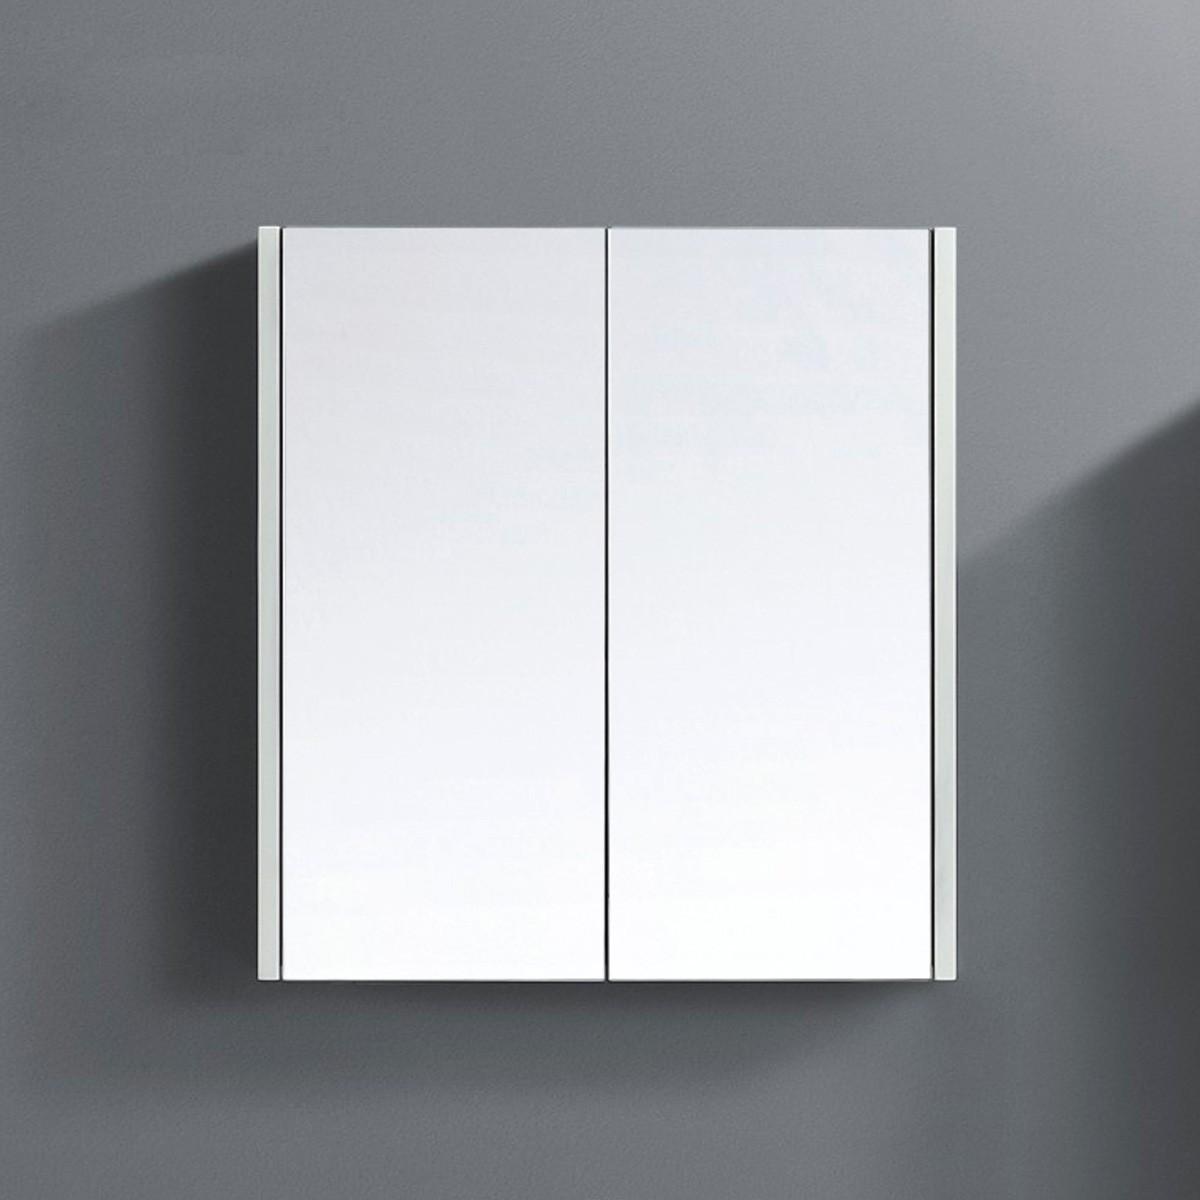 24 x 26 In. Mirror Cabinet with 2 Mirror Doors (VSW8003-M)